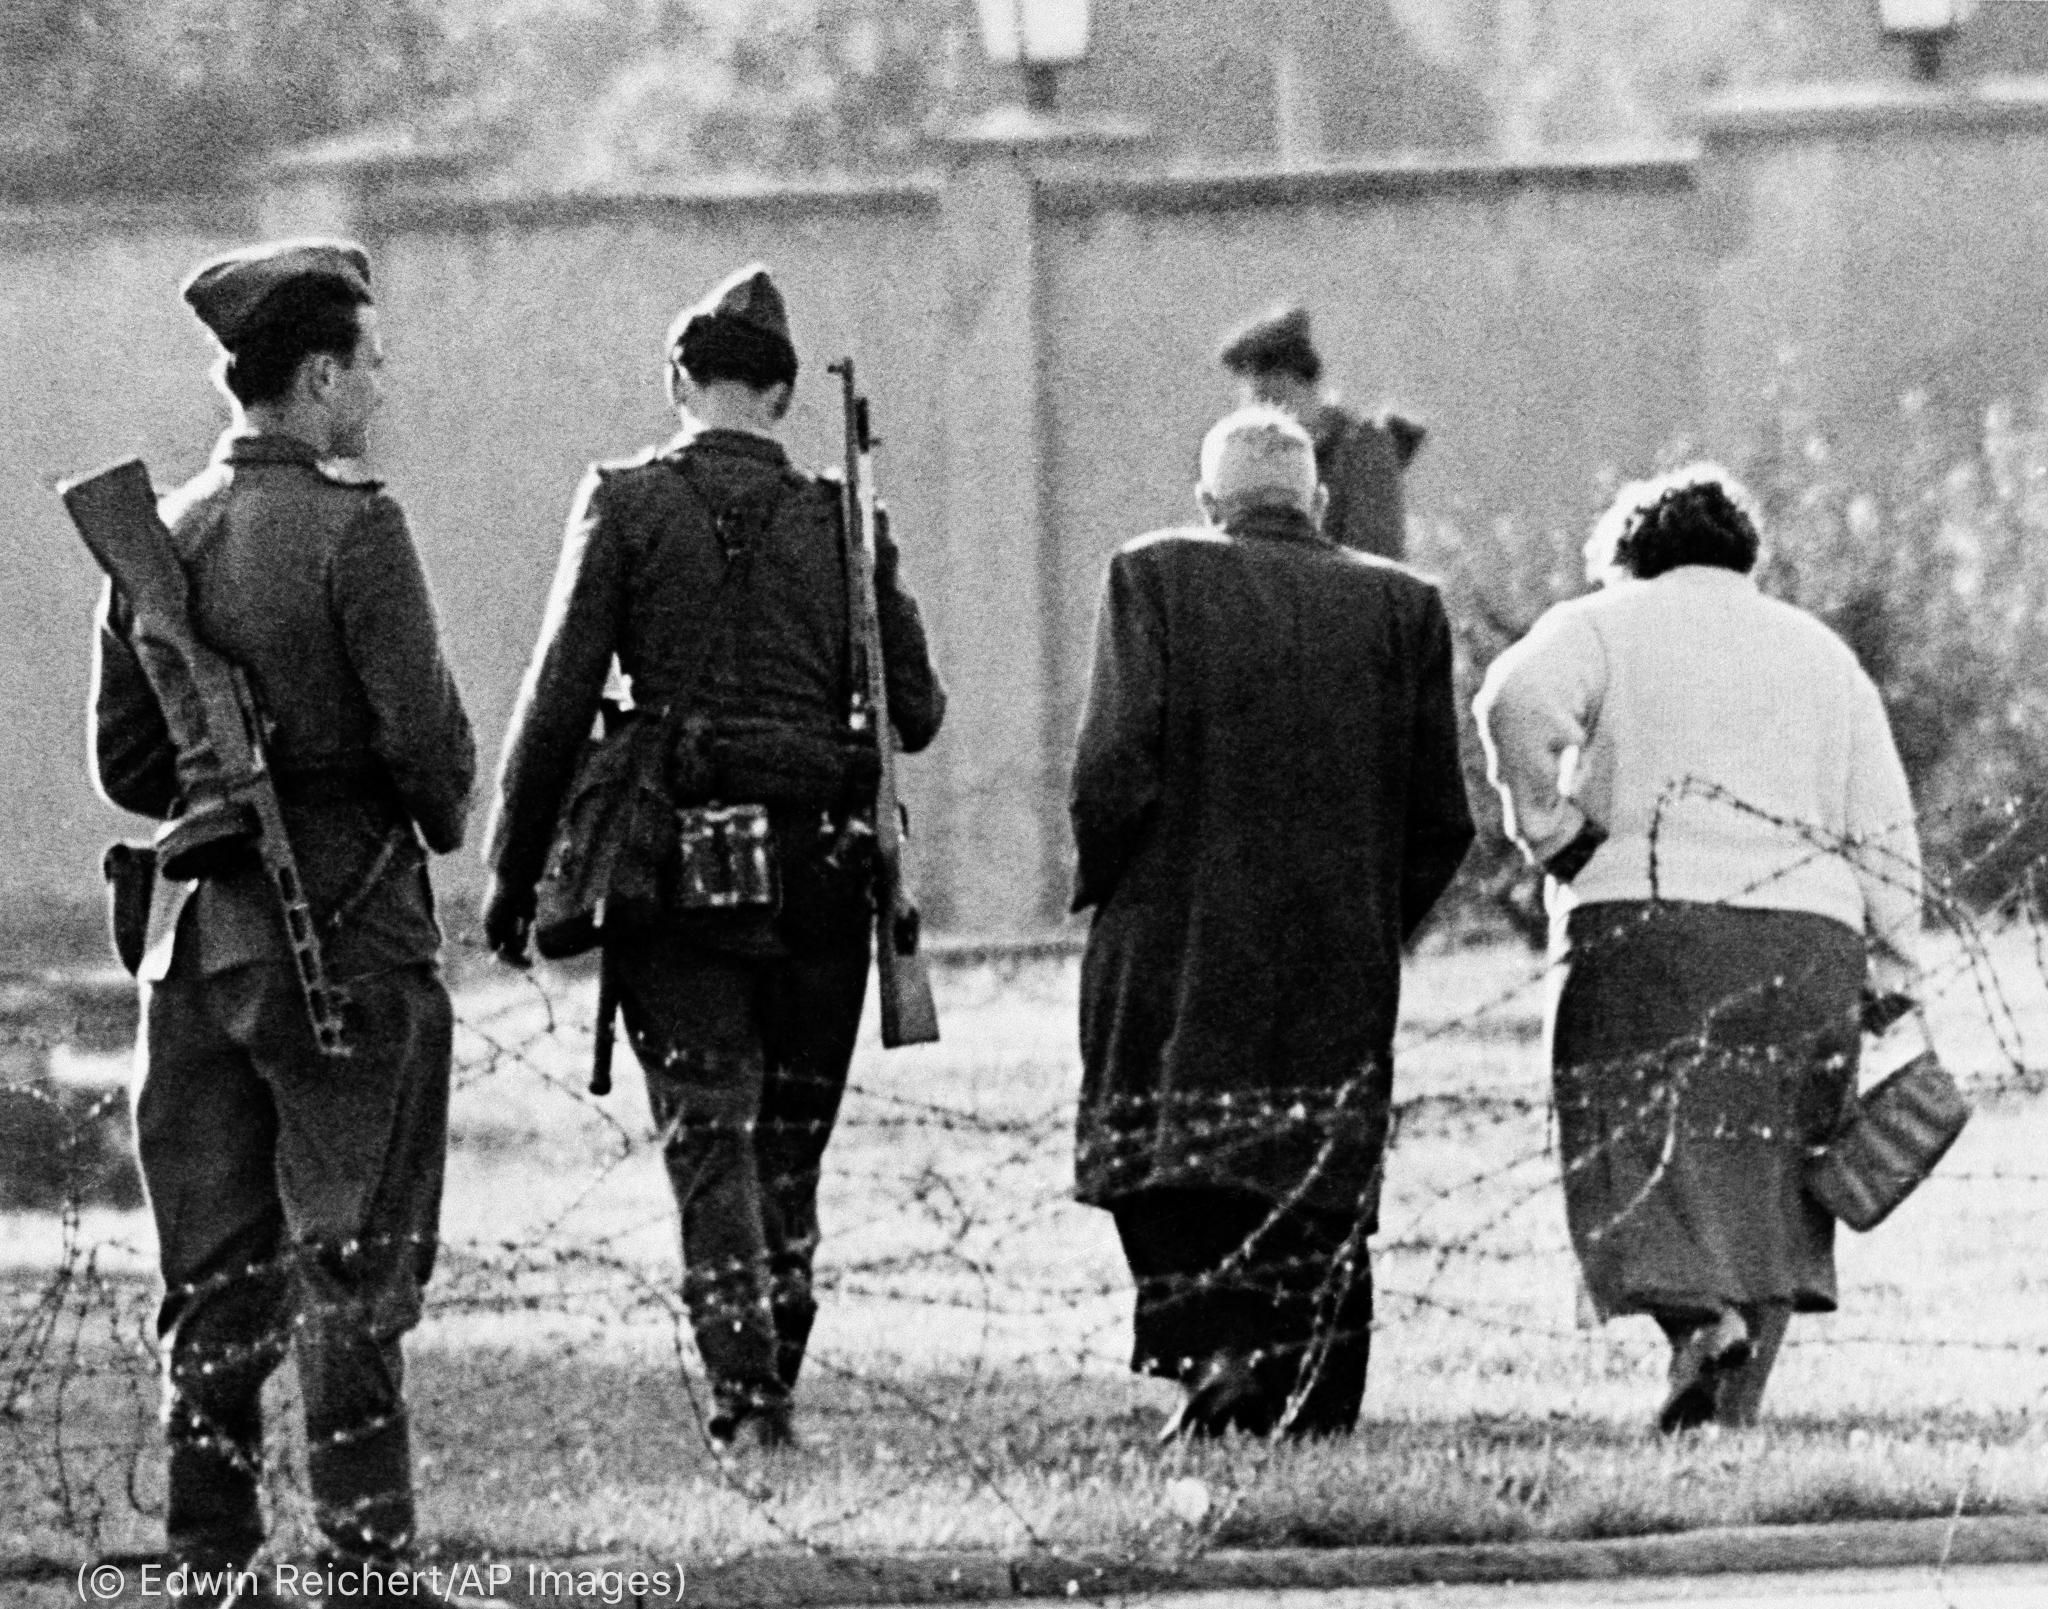 Un couple s'éloignant, accompagné par un soldat (© Edwin Reichert/AP Images)